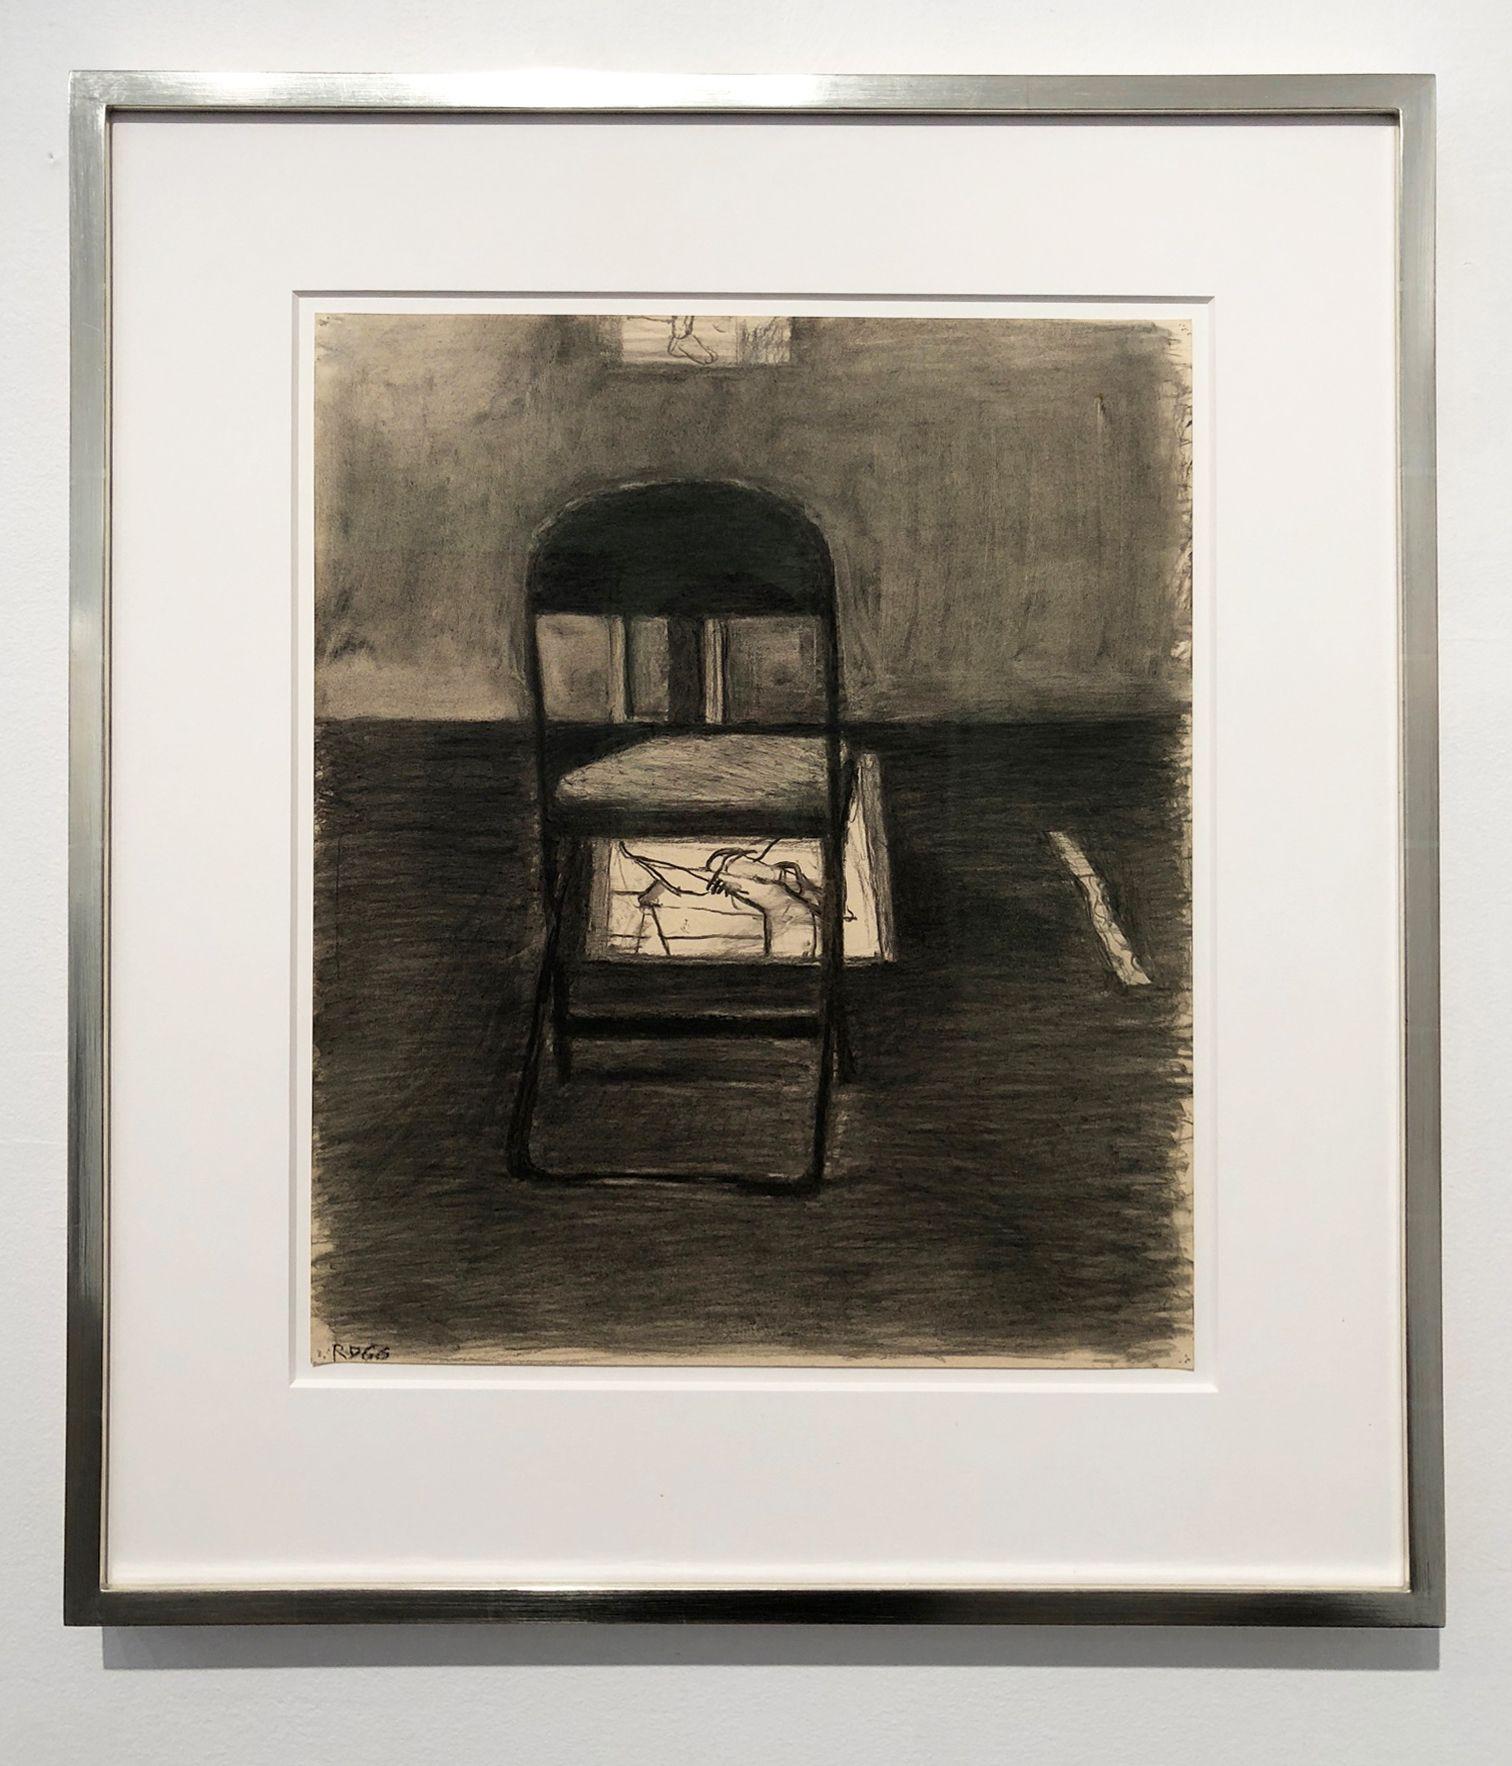 Richard Diebenkorn, Untitled, 1966